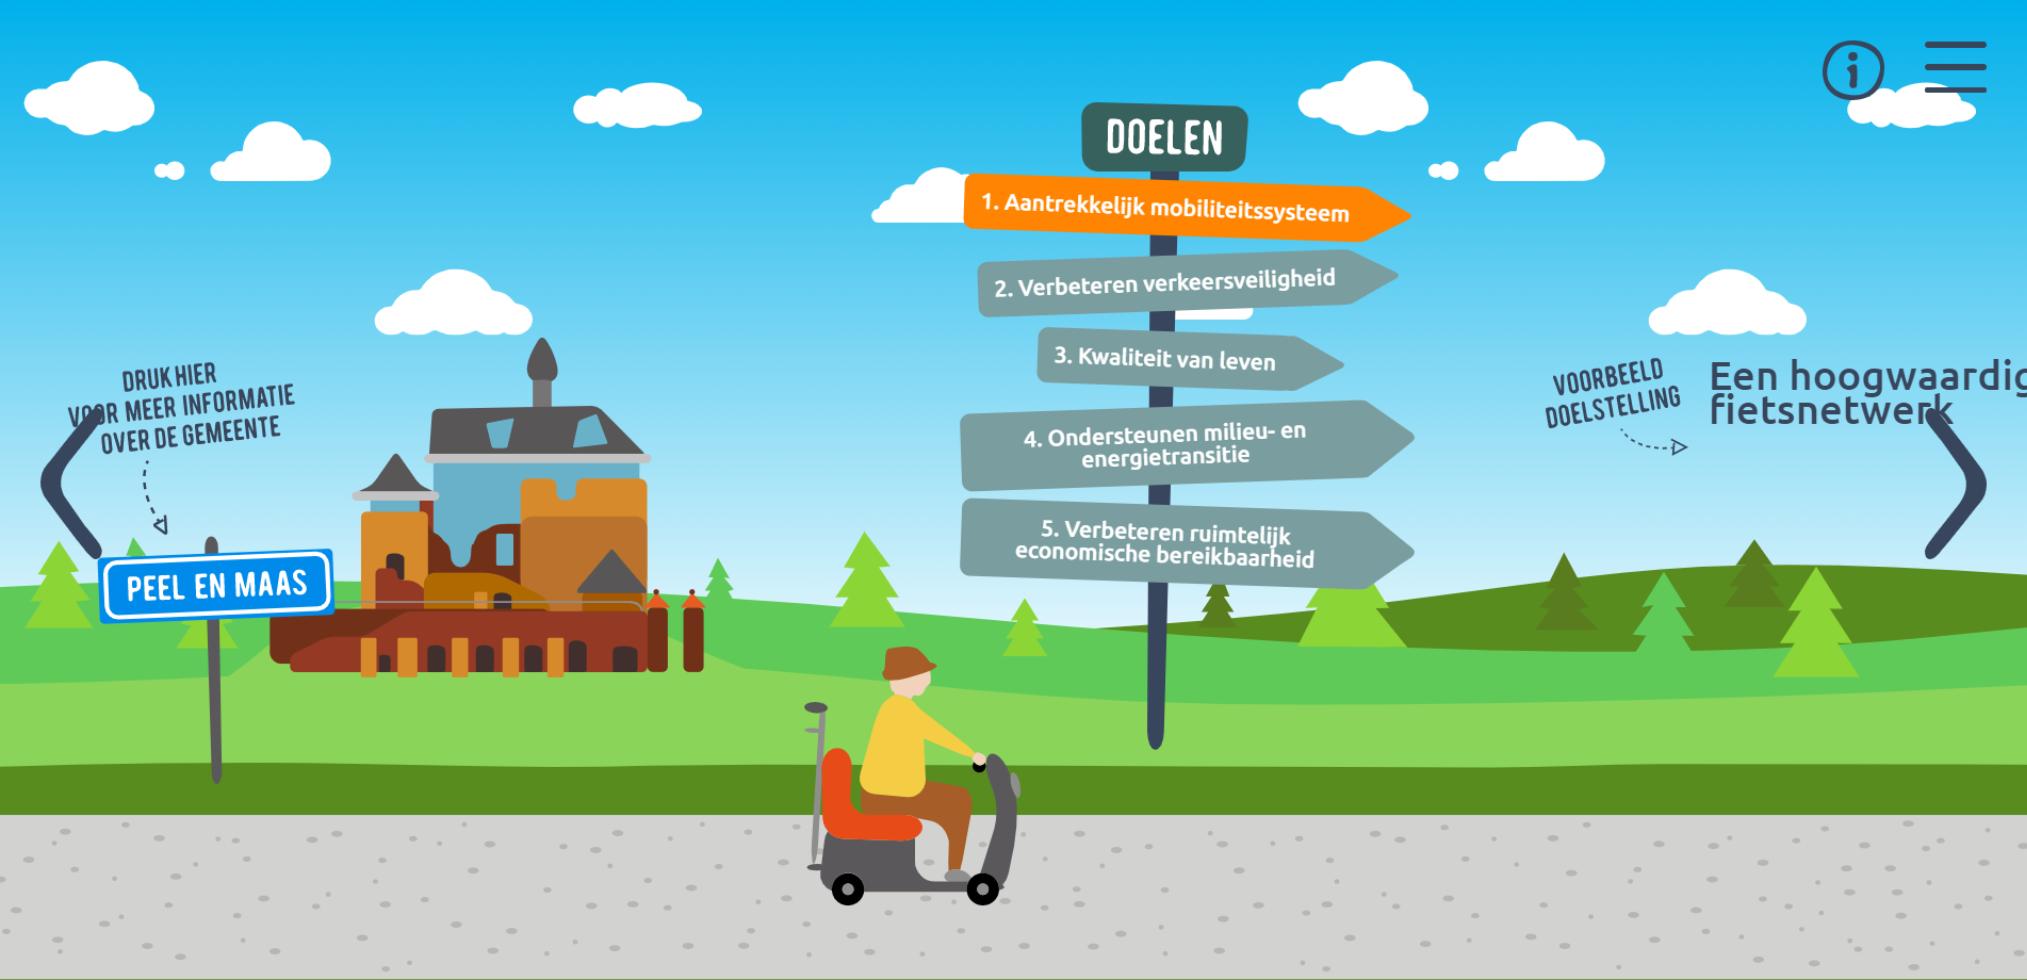 Trendsportal-Mobiliteitsvisie-Online-Infographic-Peel-en-Maas-Spiegel-crossmedia-communicatie